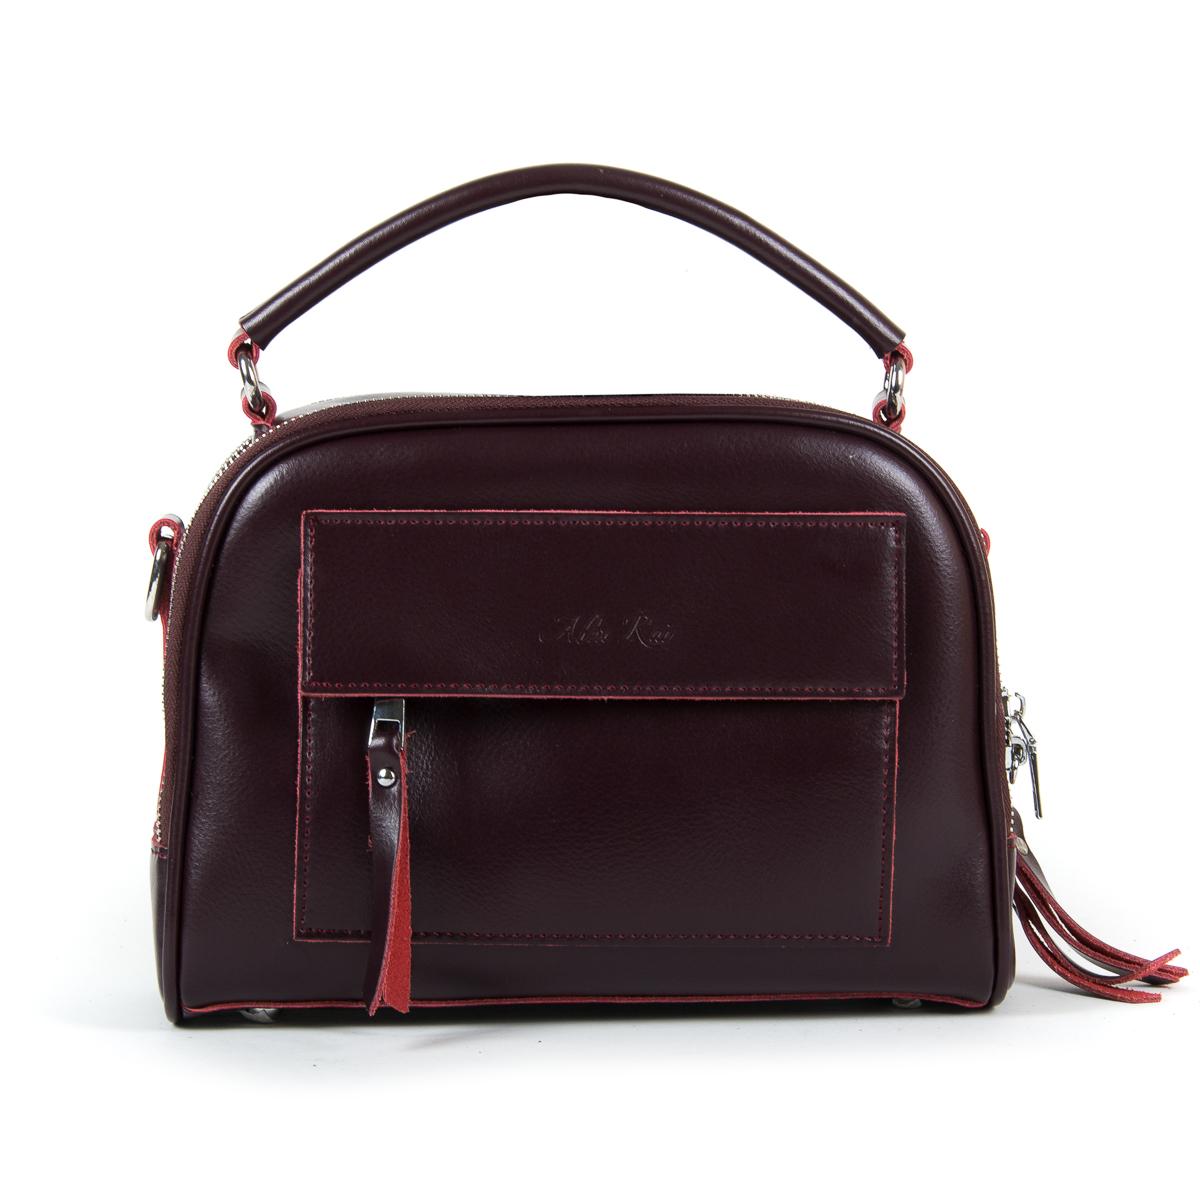 Сумка Женская Классическая кожа ALEX RAI 9-01 8545 burgundy